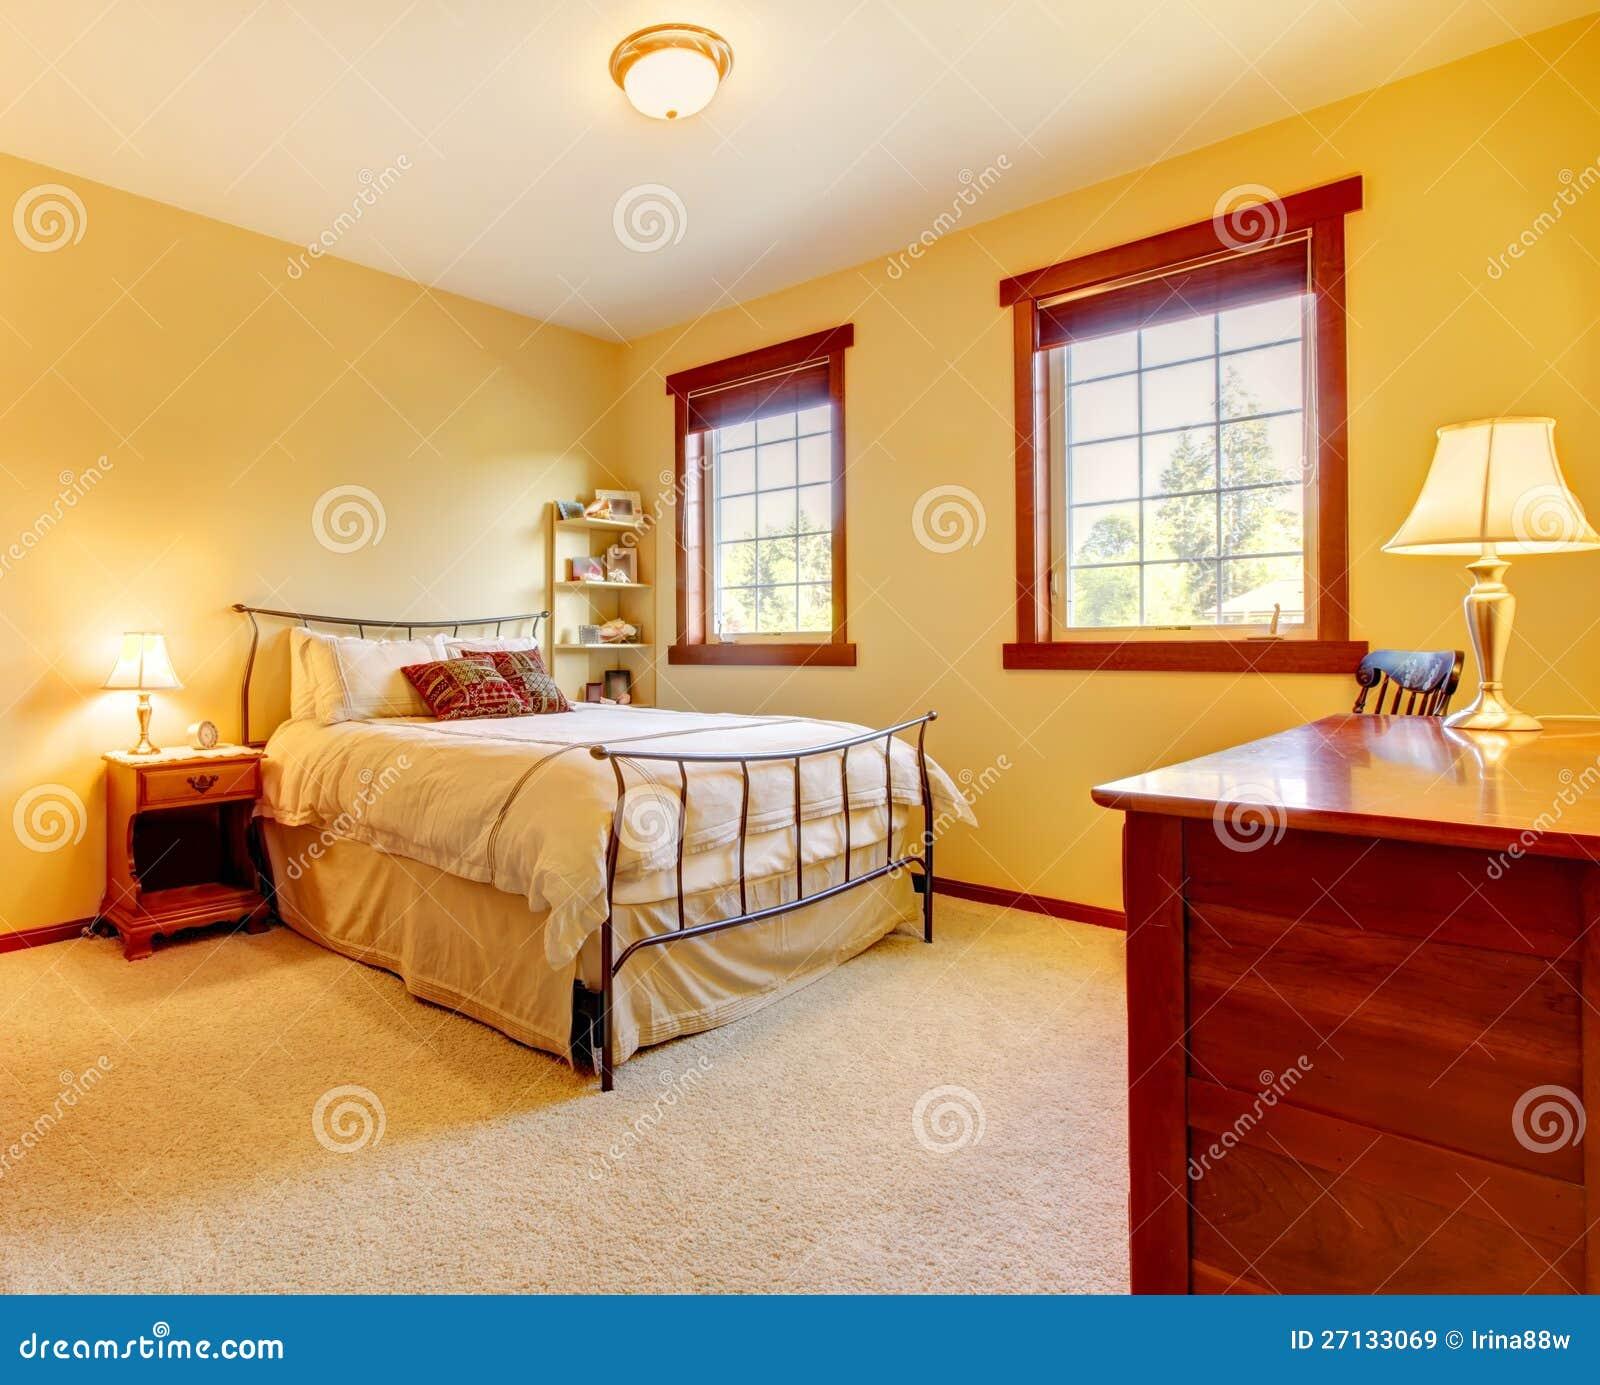 Großes Schlafzimmer Mit Metallbett Und Zwei Fenstern ...